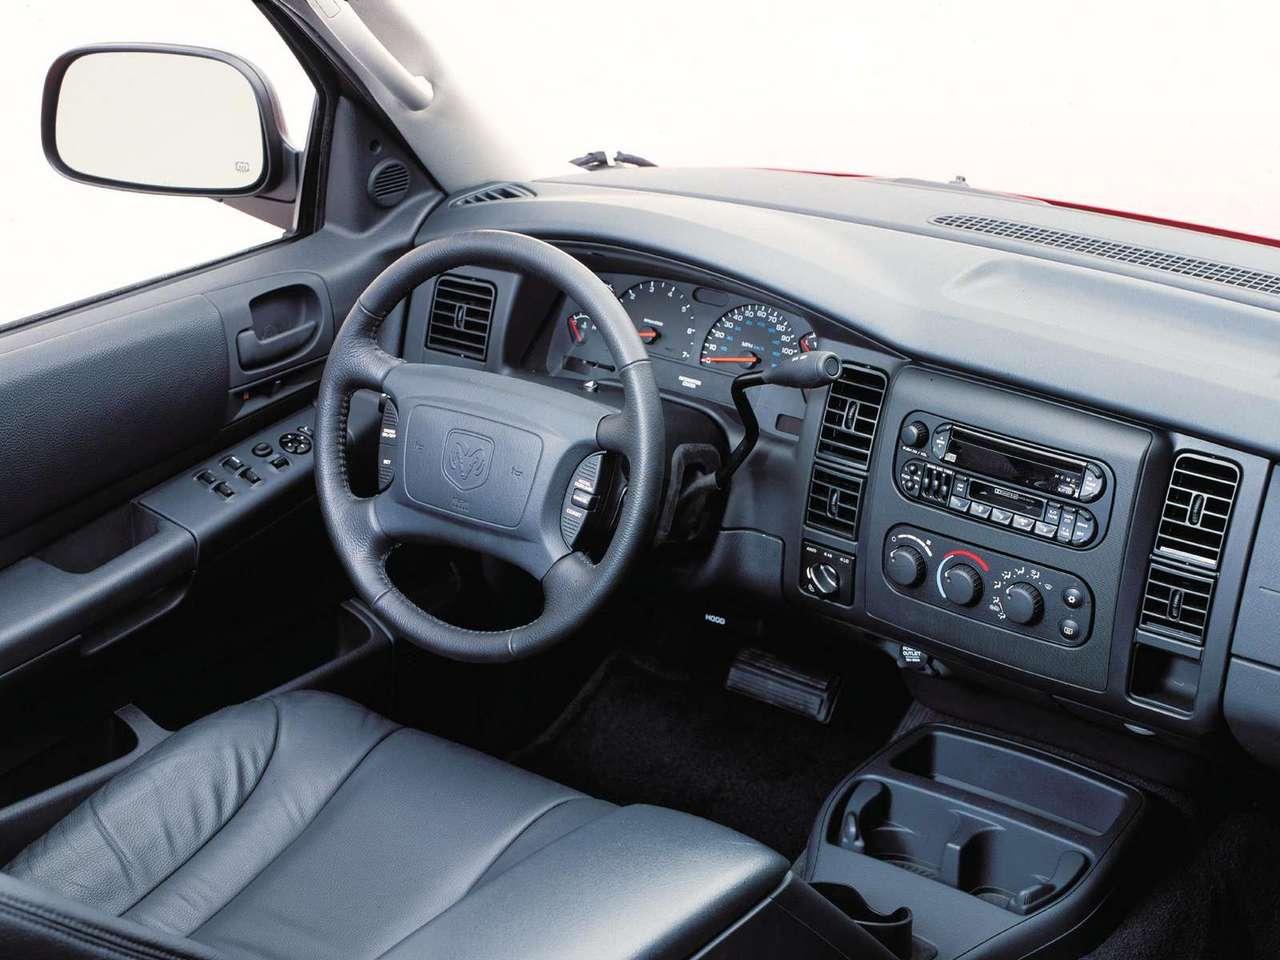 Dodge Dakota X Wallpaper on 1997 Dodge Durango